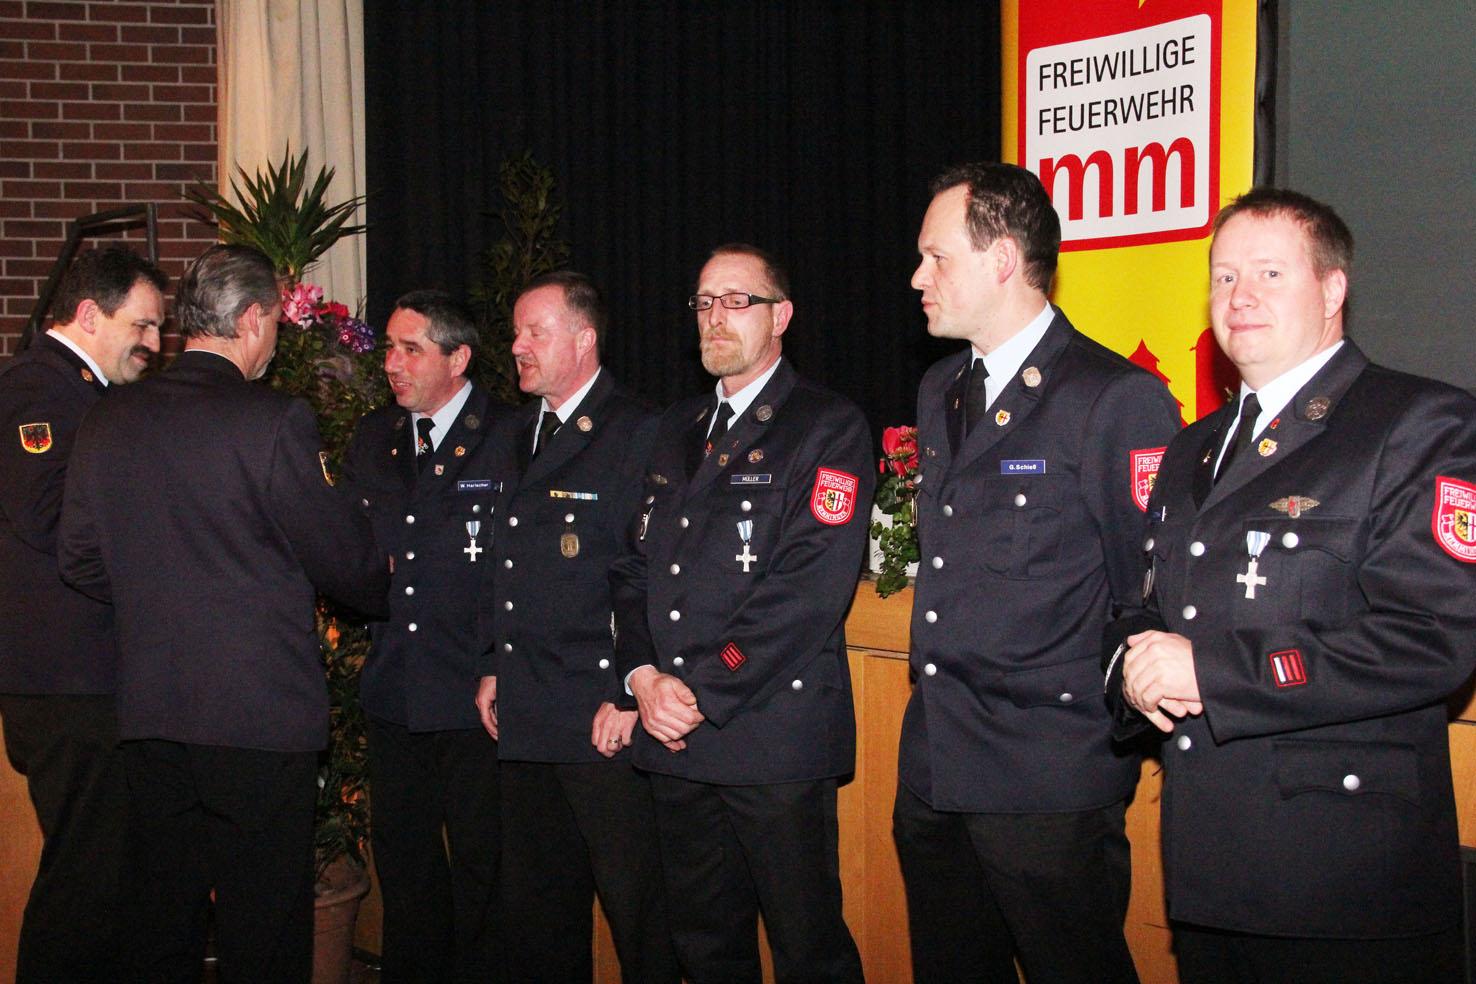 01-03-2013 Feuerwehr-Memmingen jahreshauptversammlung 2013 poeppel new-facts-eu20130301 0056